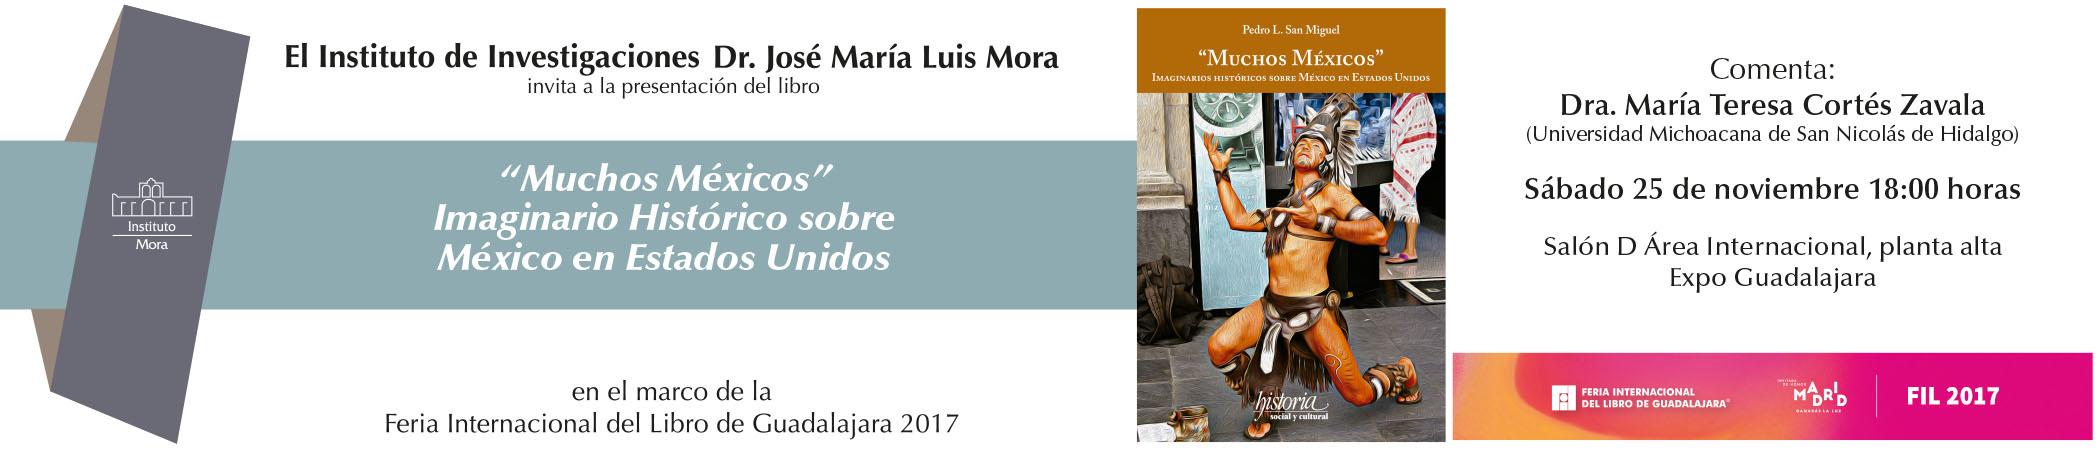 Presentación del libro Muchos Méxicos